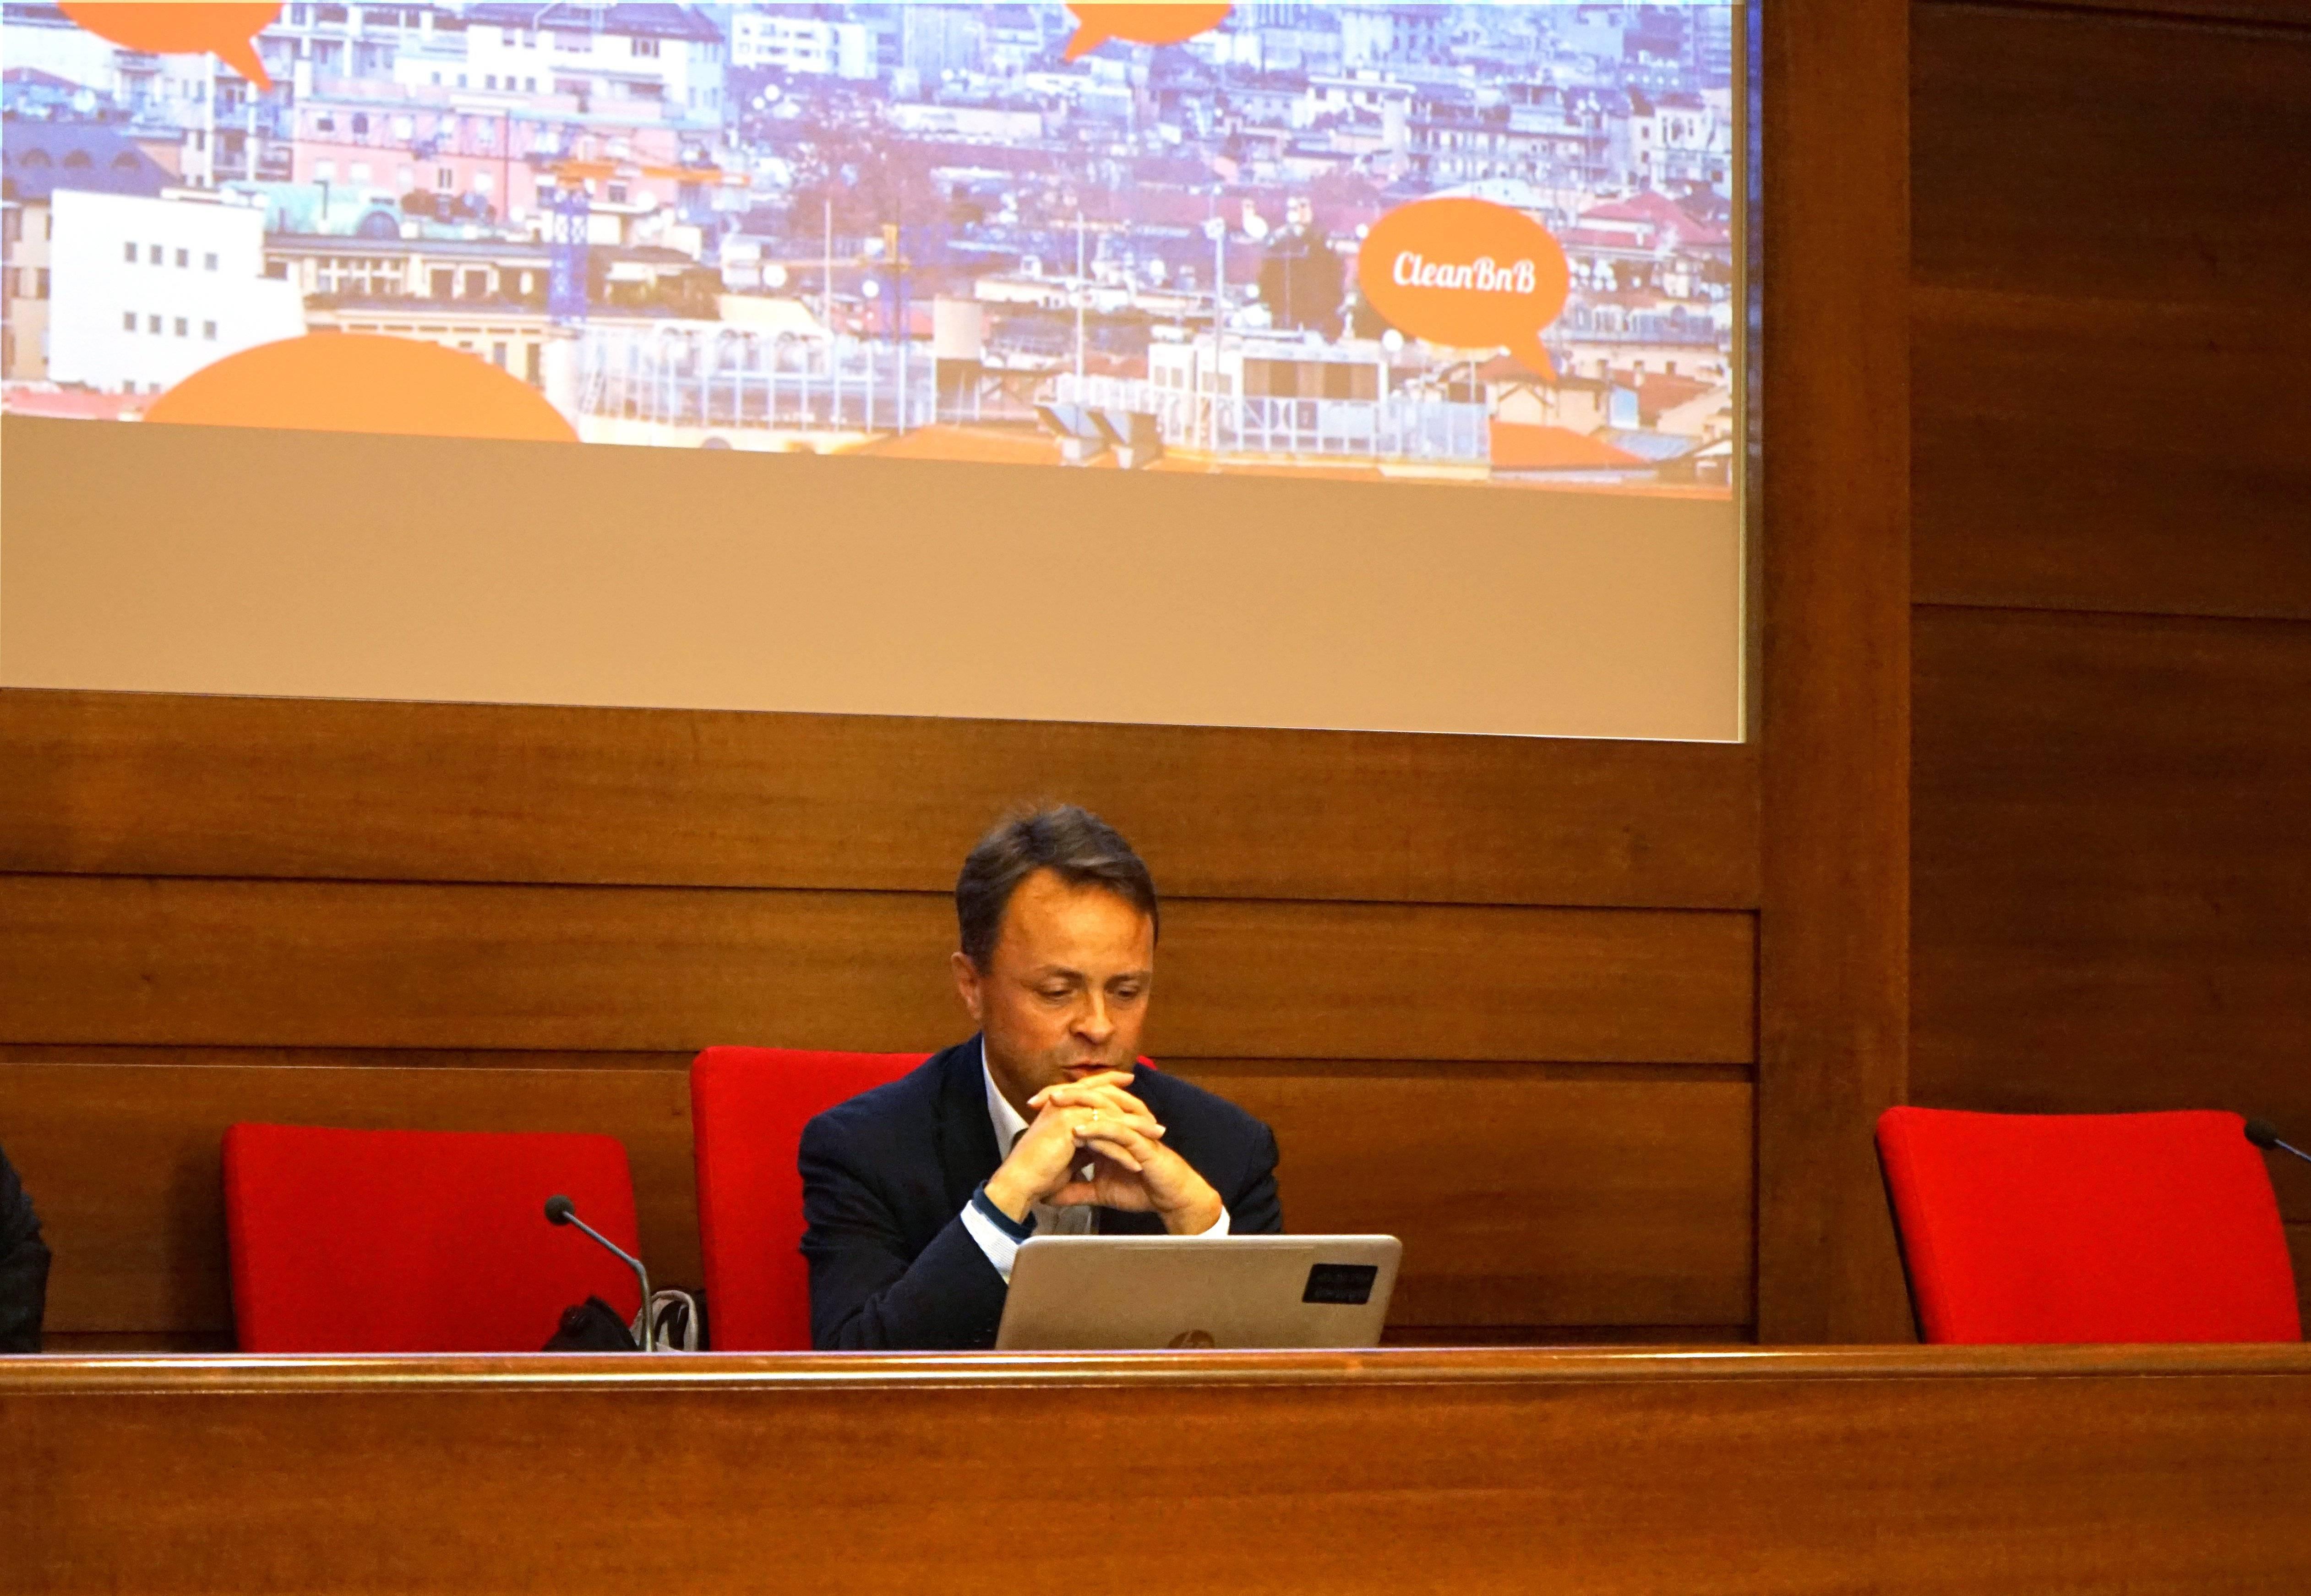 Affitti brevi, crescono in  tutta Italia.  CleanBnB soddisfa i proprietari e potenzia  la propria presenza in Puglia, Campania e Basilicata